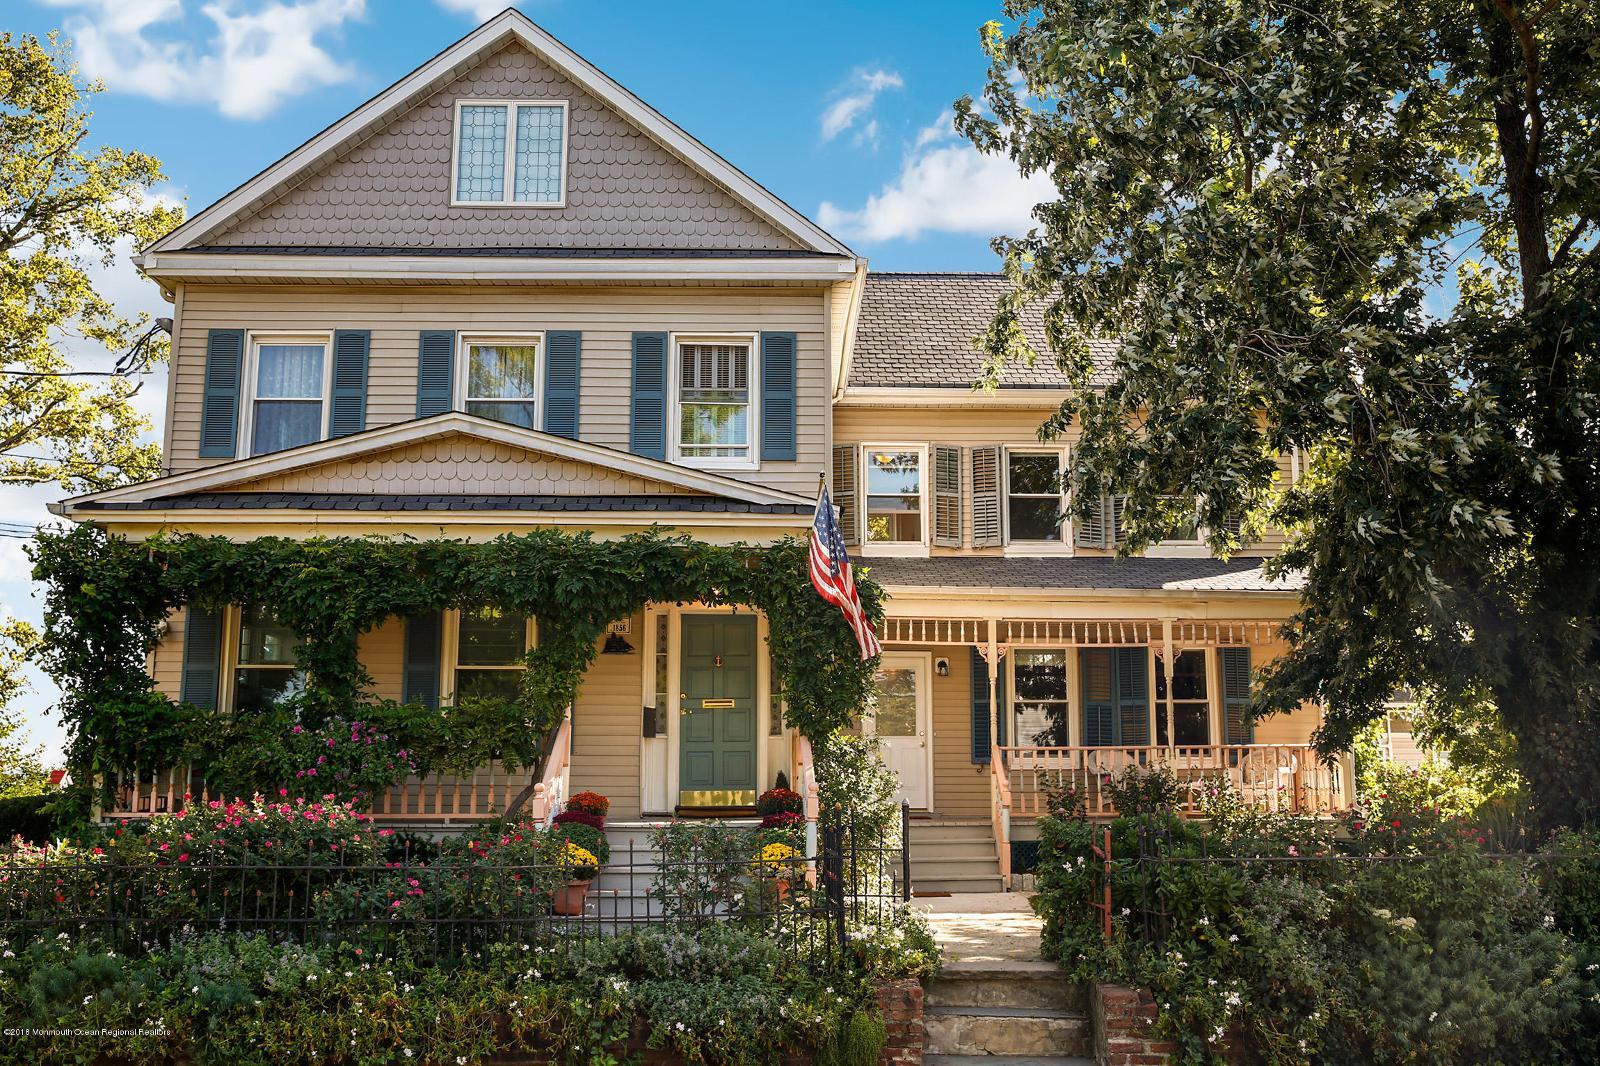 Homes for Sale in Keyport NJ — Keyport Real Estate — ZipRealty